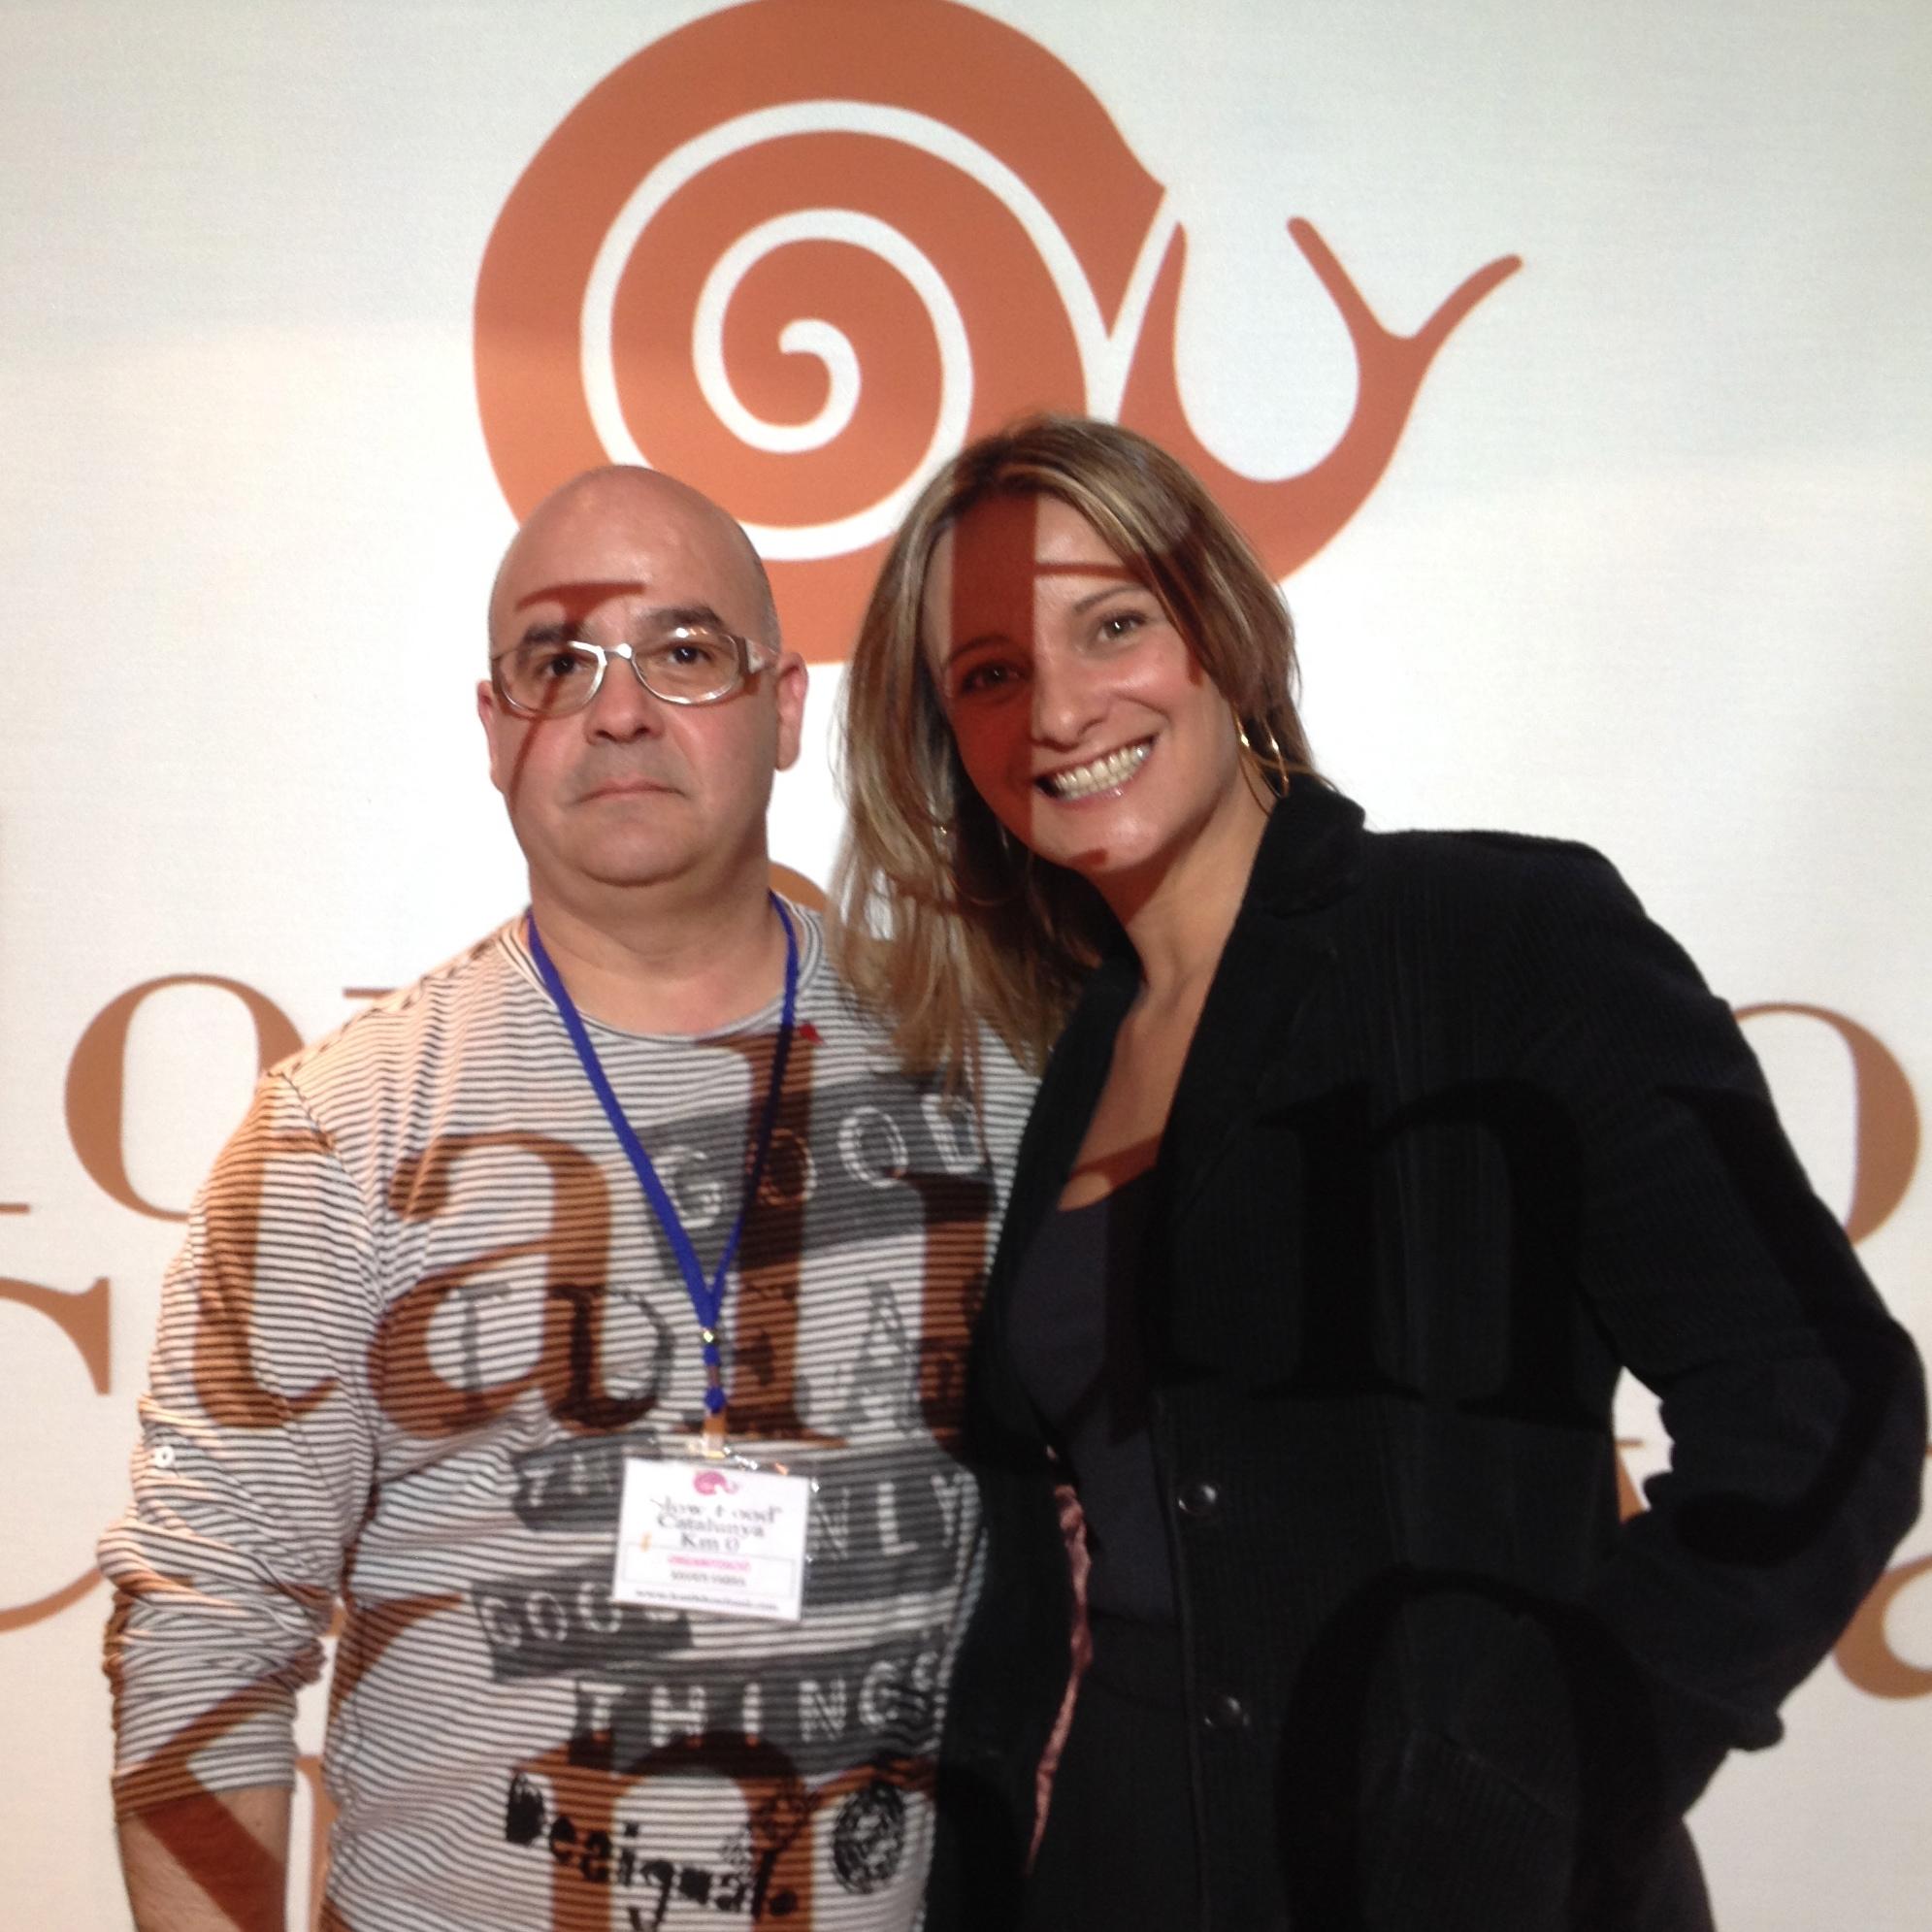 Xavi Fabra del Quinta Forca y coordinador del Convivium Tarraco